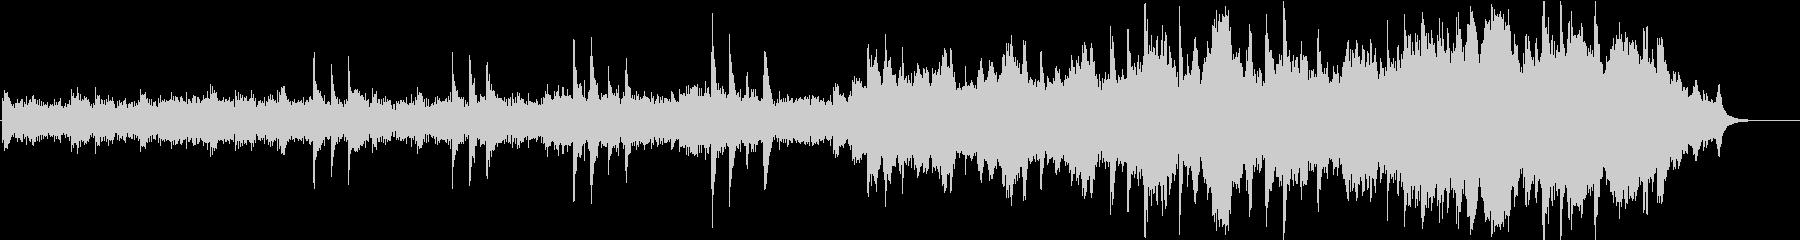 ピアノとストリングスのゆったりとした曲の未再生の波形